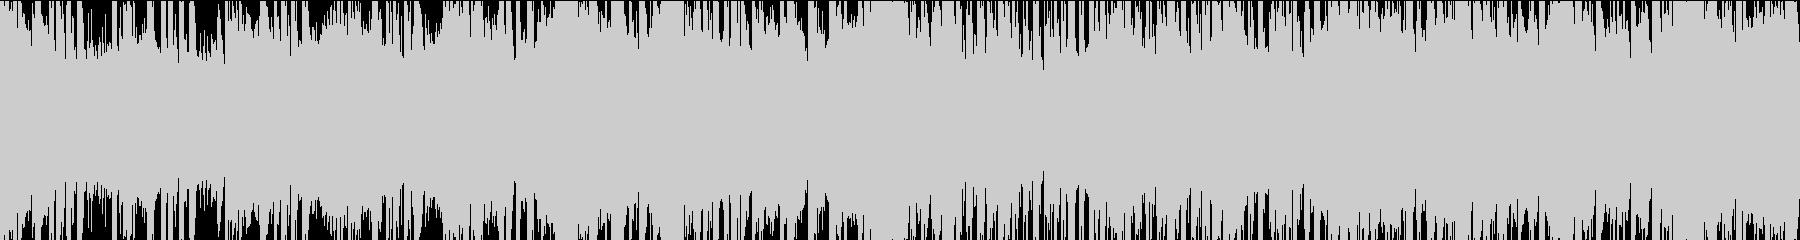 30秒でサビ、電子音さわやか/ループの未再生の波形